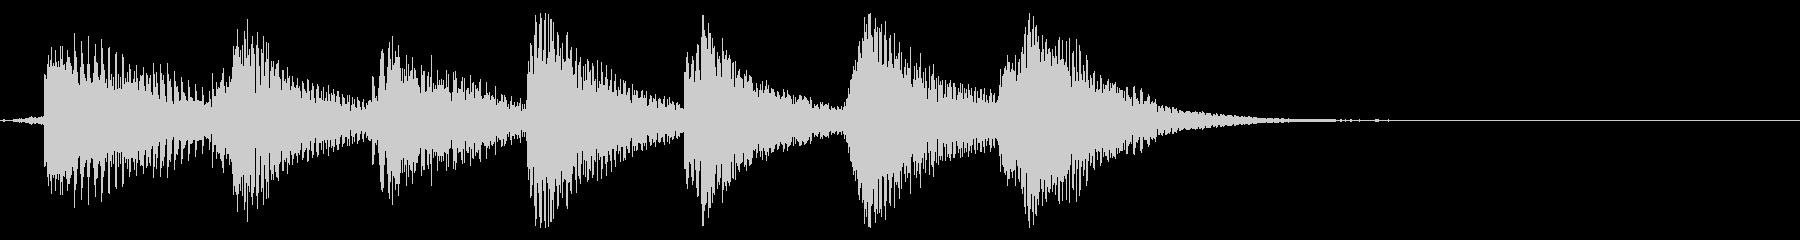 鍵盤ハーモニカとマリンバのジングルの未再生の波形